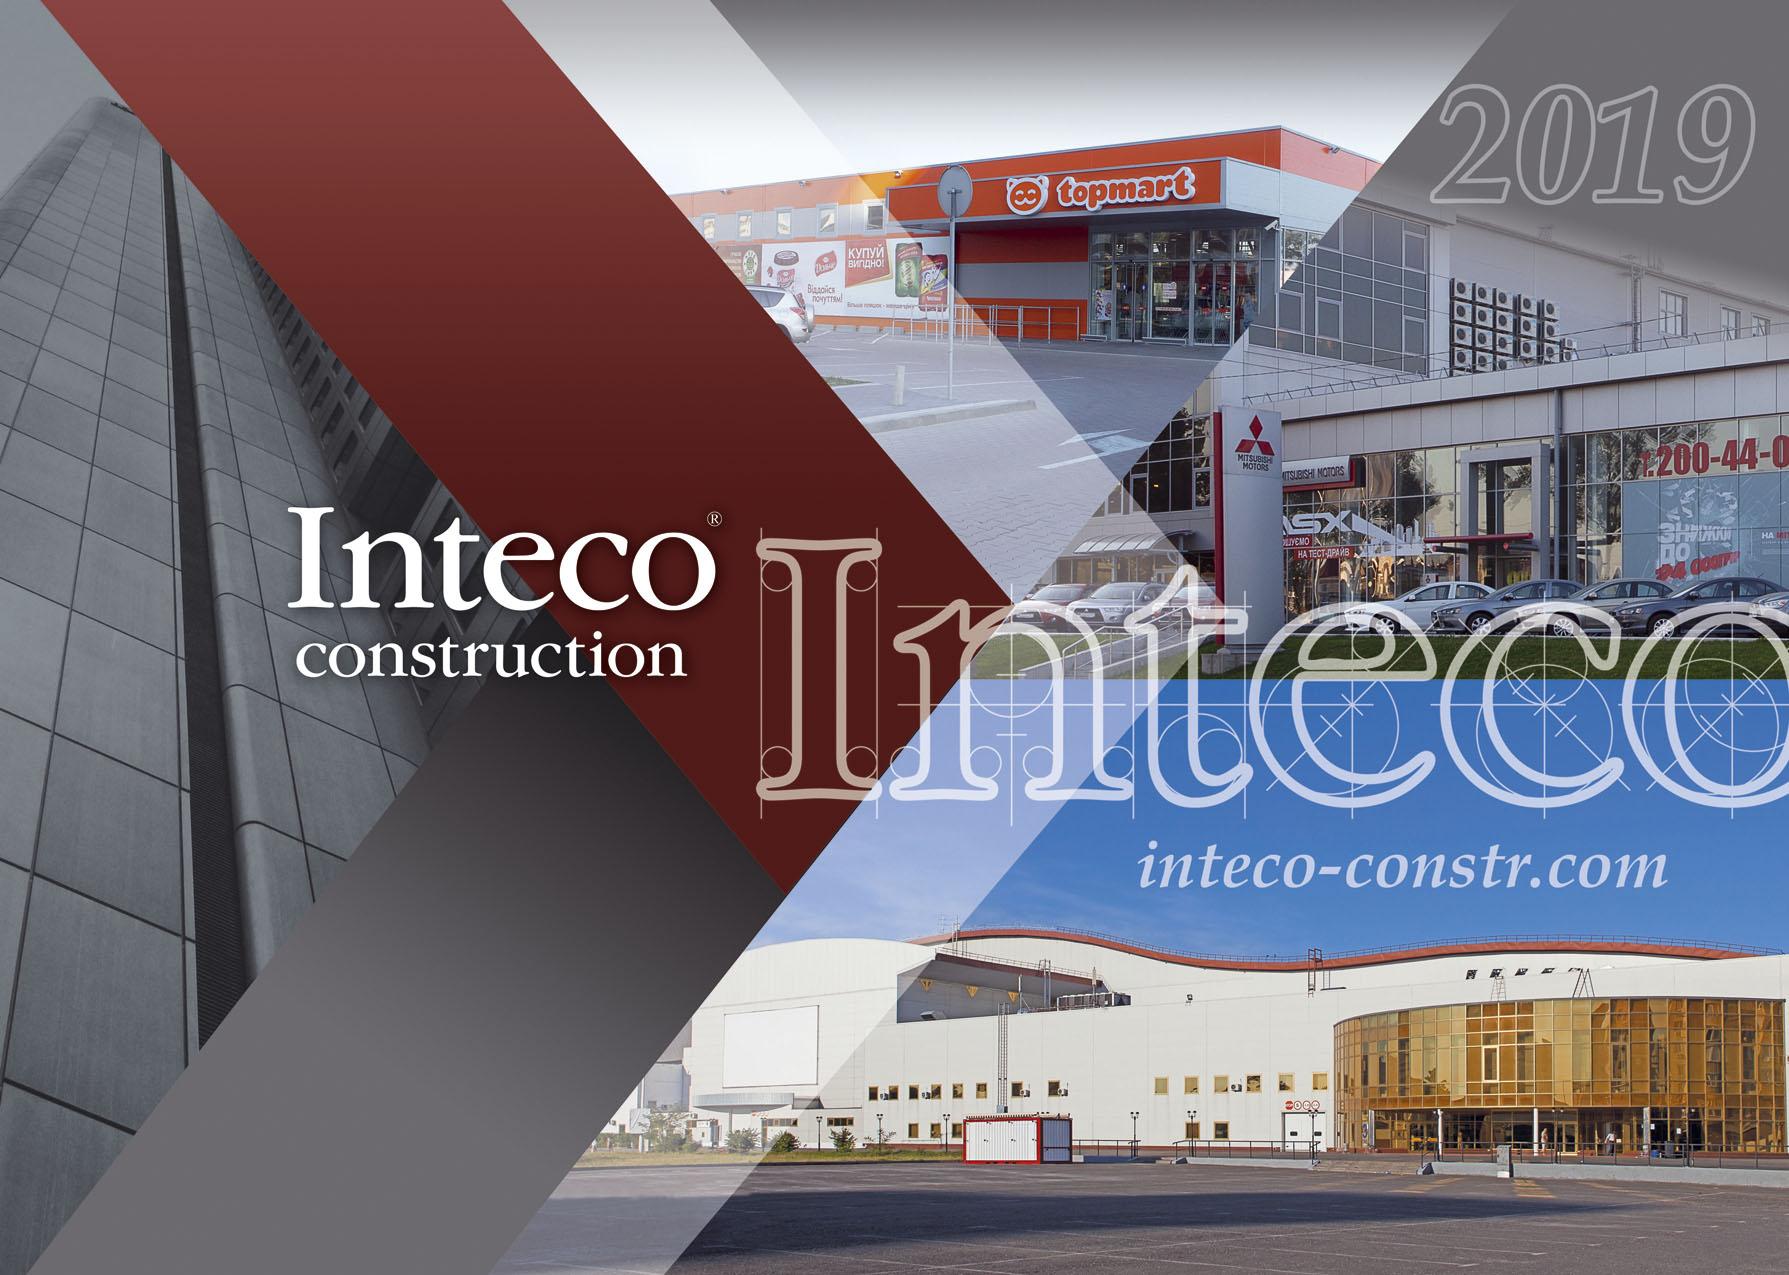 Дизайн квартального календаря Inteco 2019 вариант 02 www.makety.top